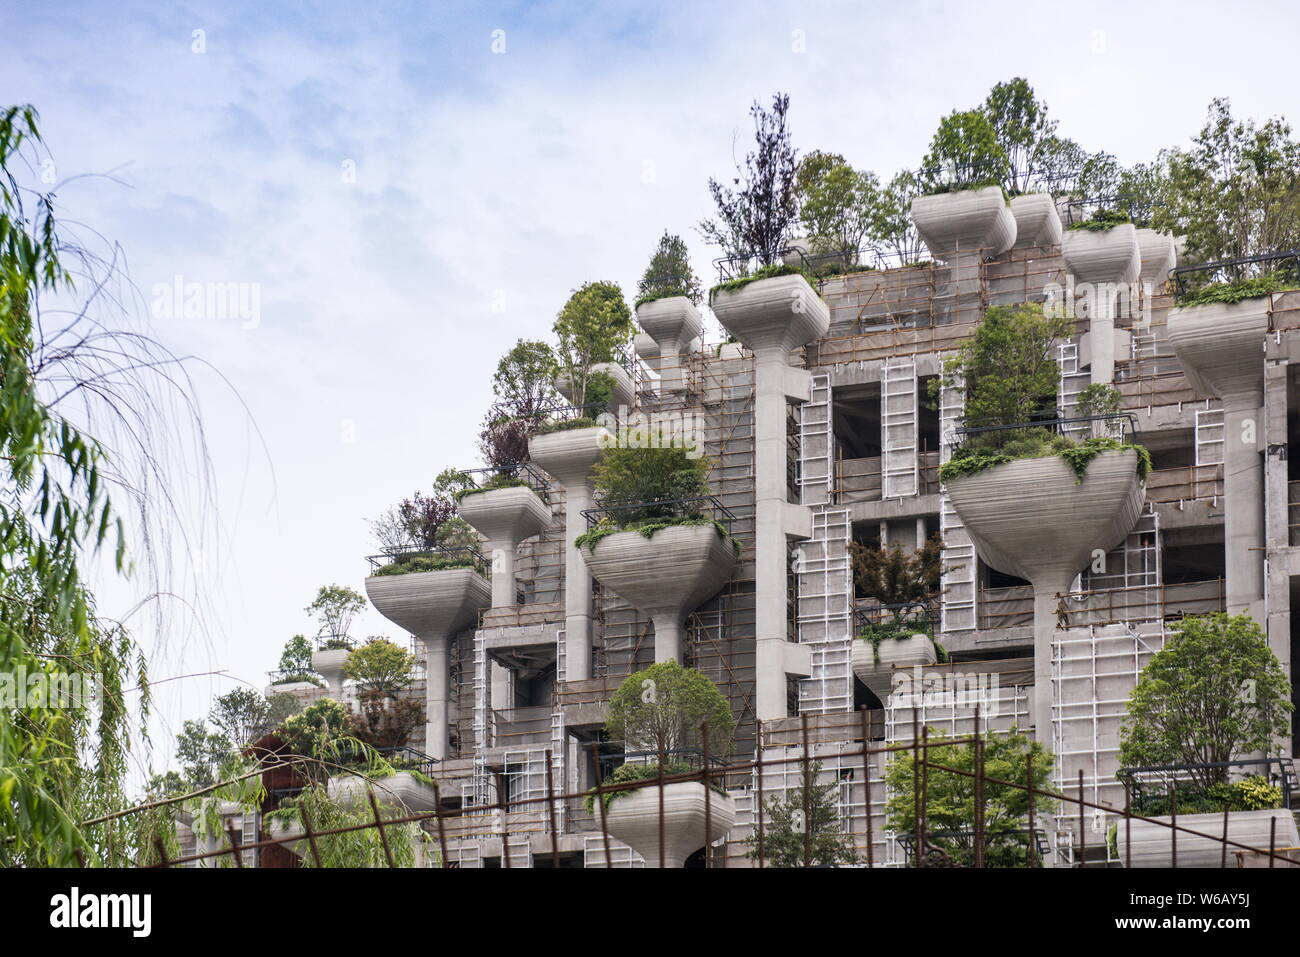 Una Vista De Edificios De Gran Altura Con Terrazas De Distintas